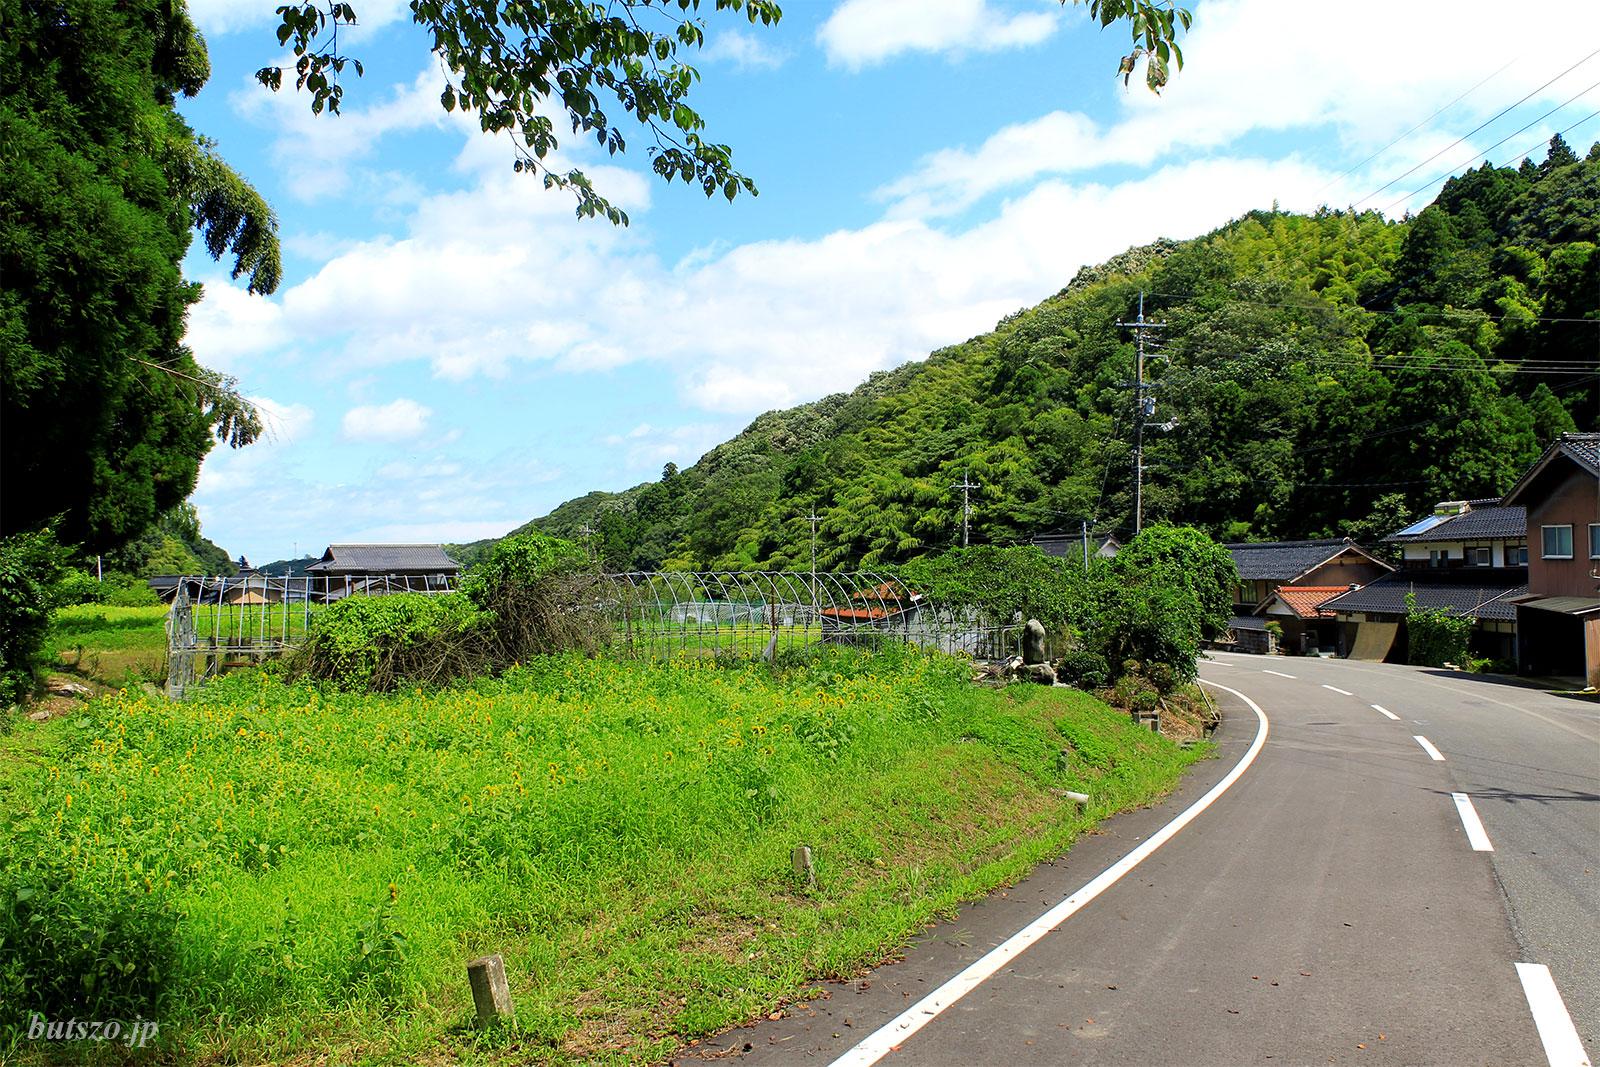 お寺の前の道